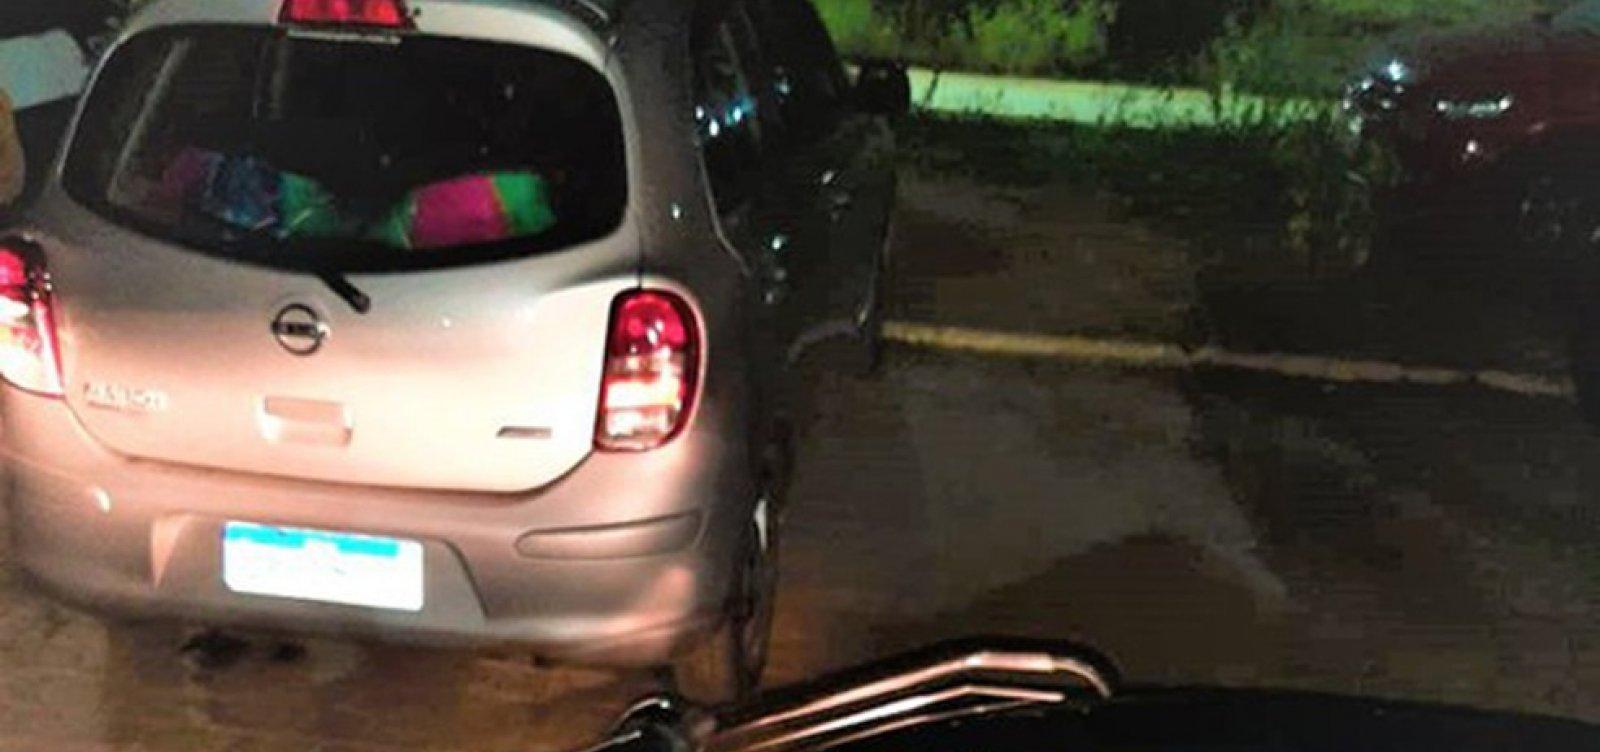 Homem é preso pela segunda vez ao ser flagrado dirigindo carro clonado em Barreiras